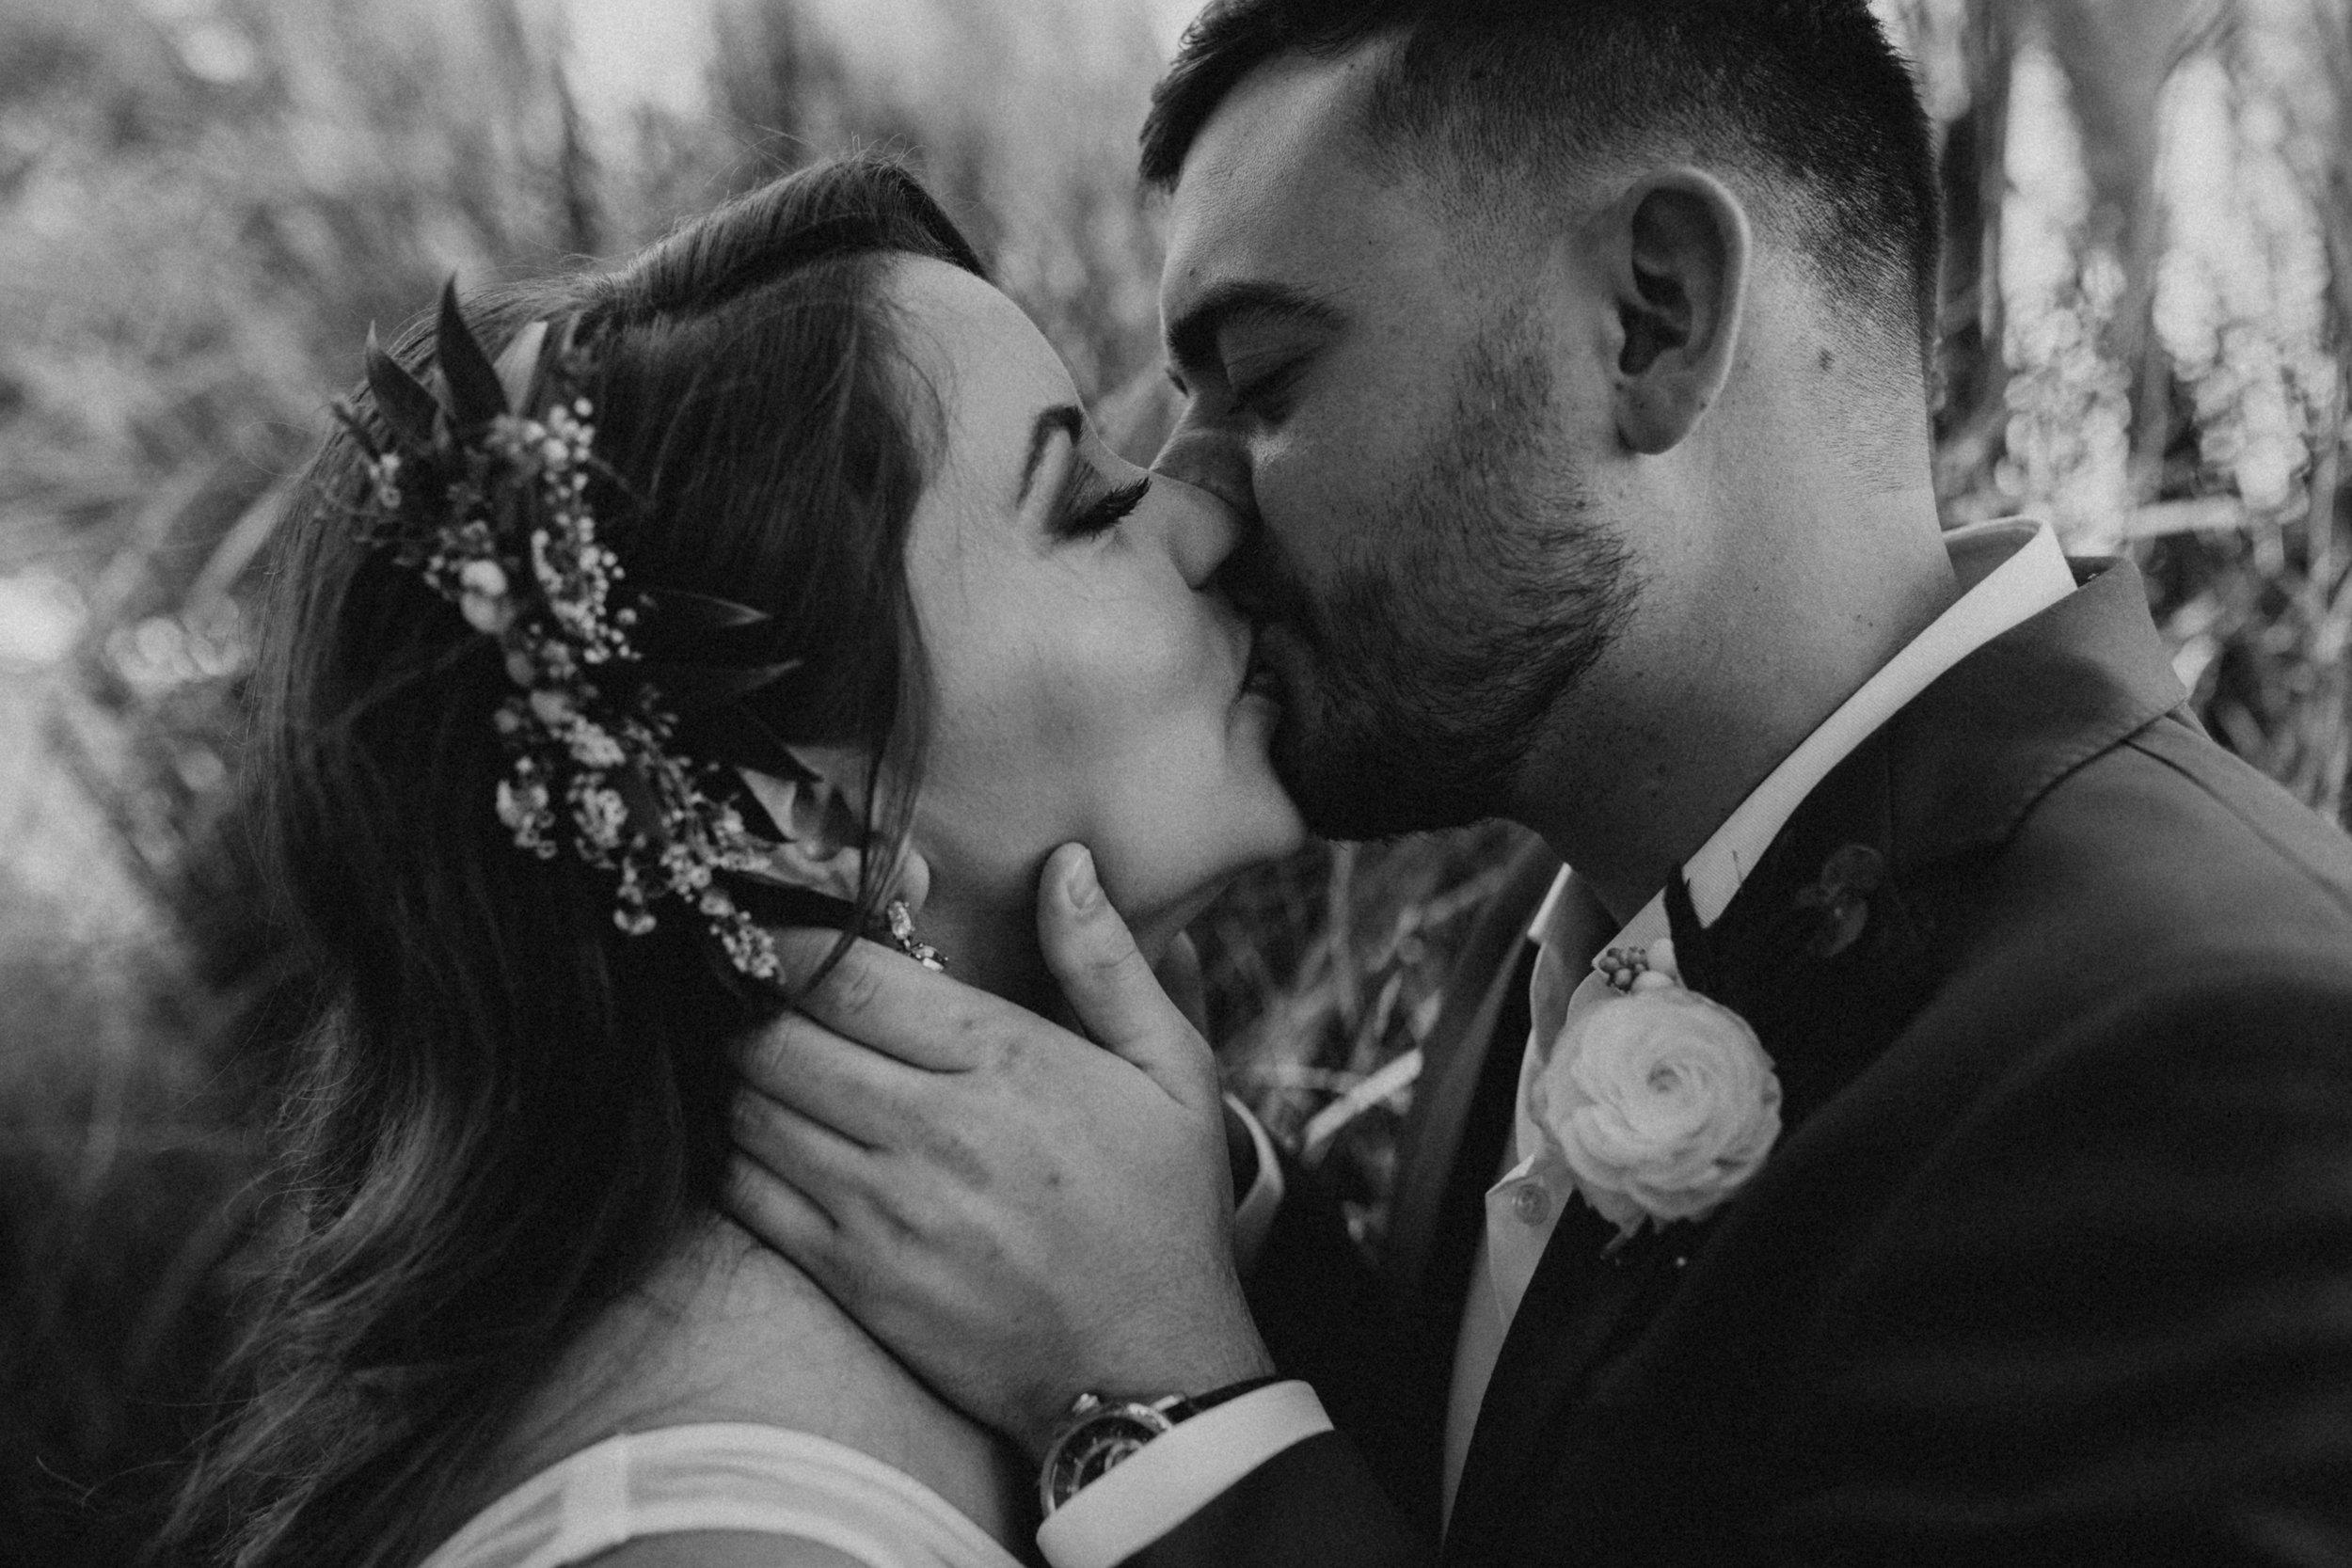 dietzen_aubrey-texas-the-springs-wedding_012-1.jpg